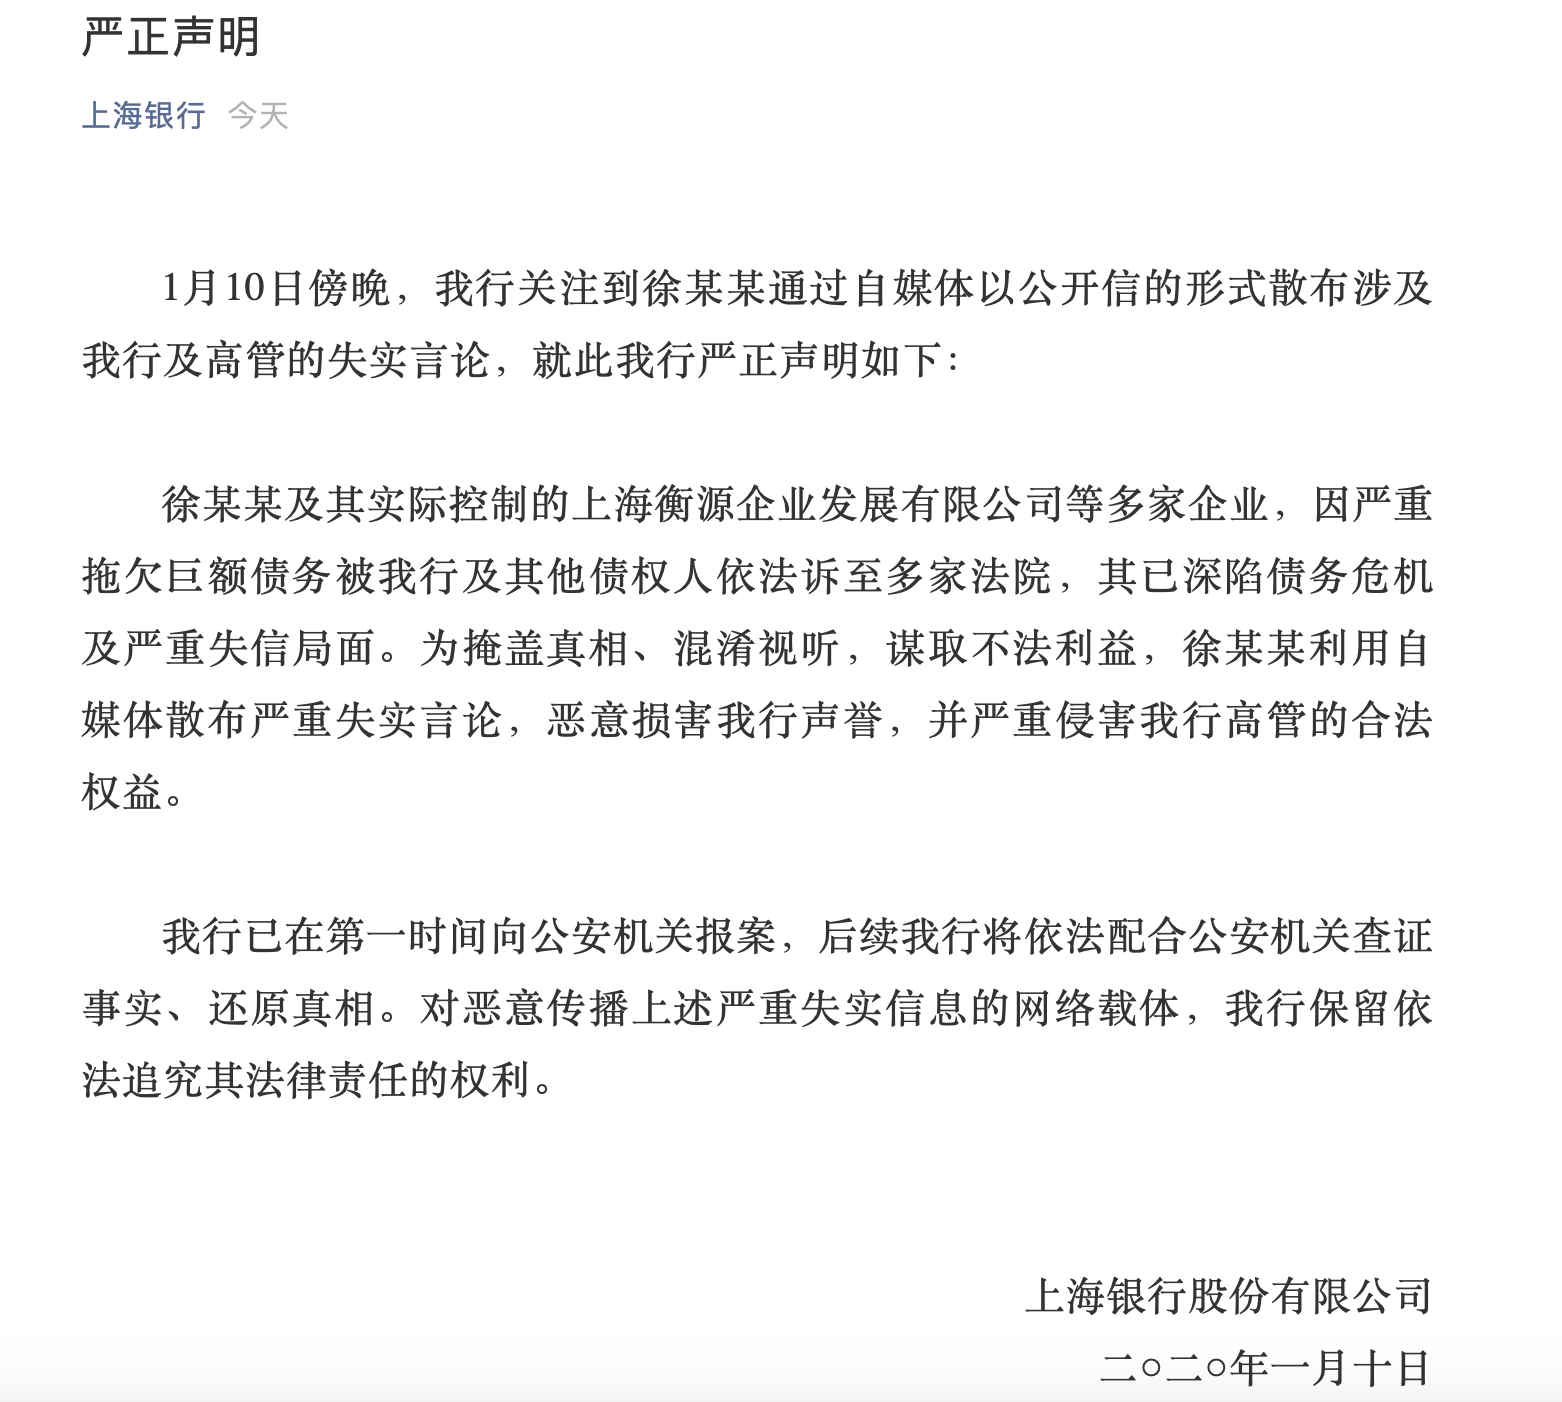 上海银行回应举报:徐国良及其企业严重拖欠巨额债务,散布内容严重失实